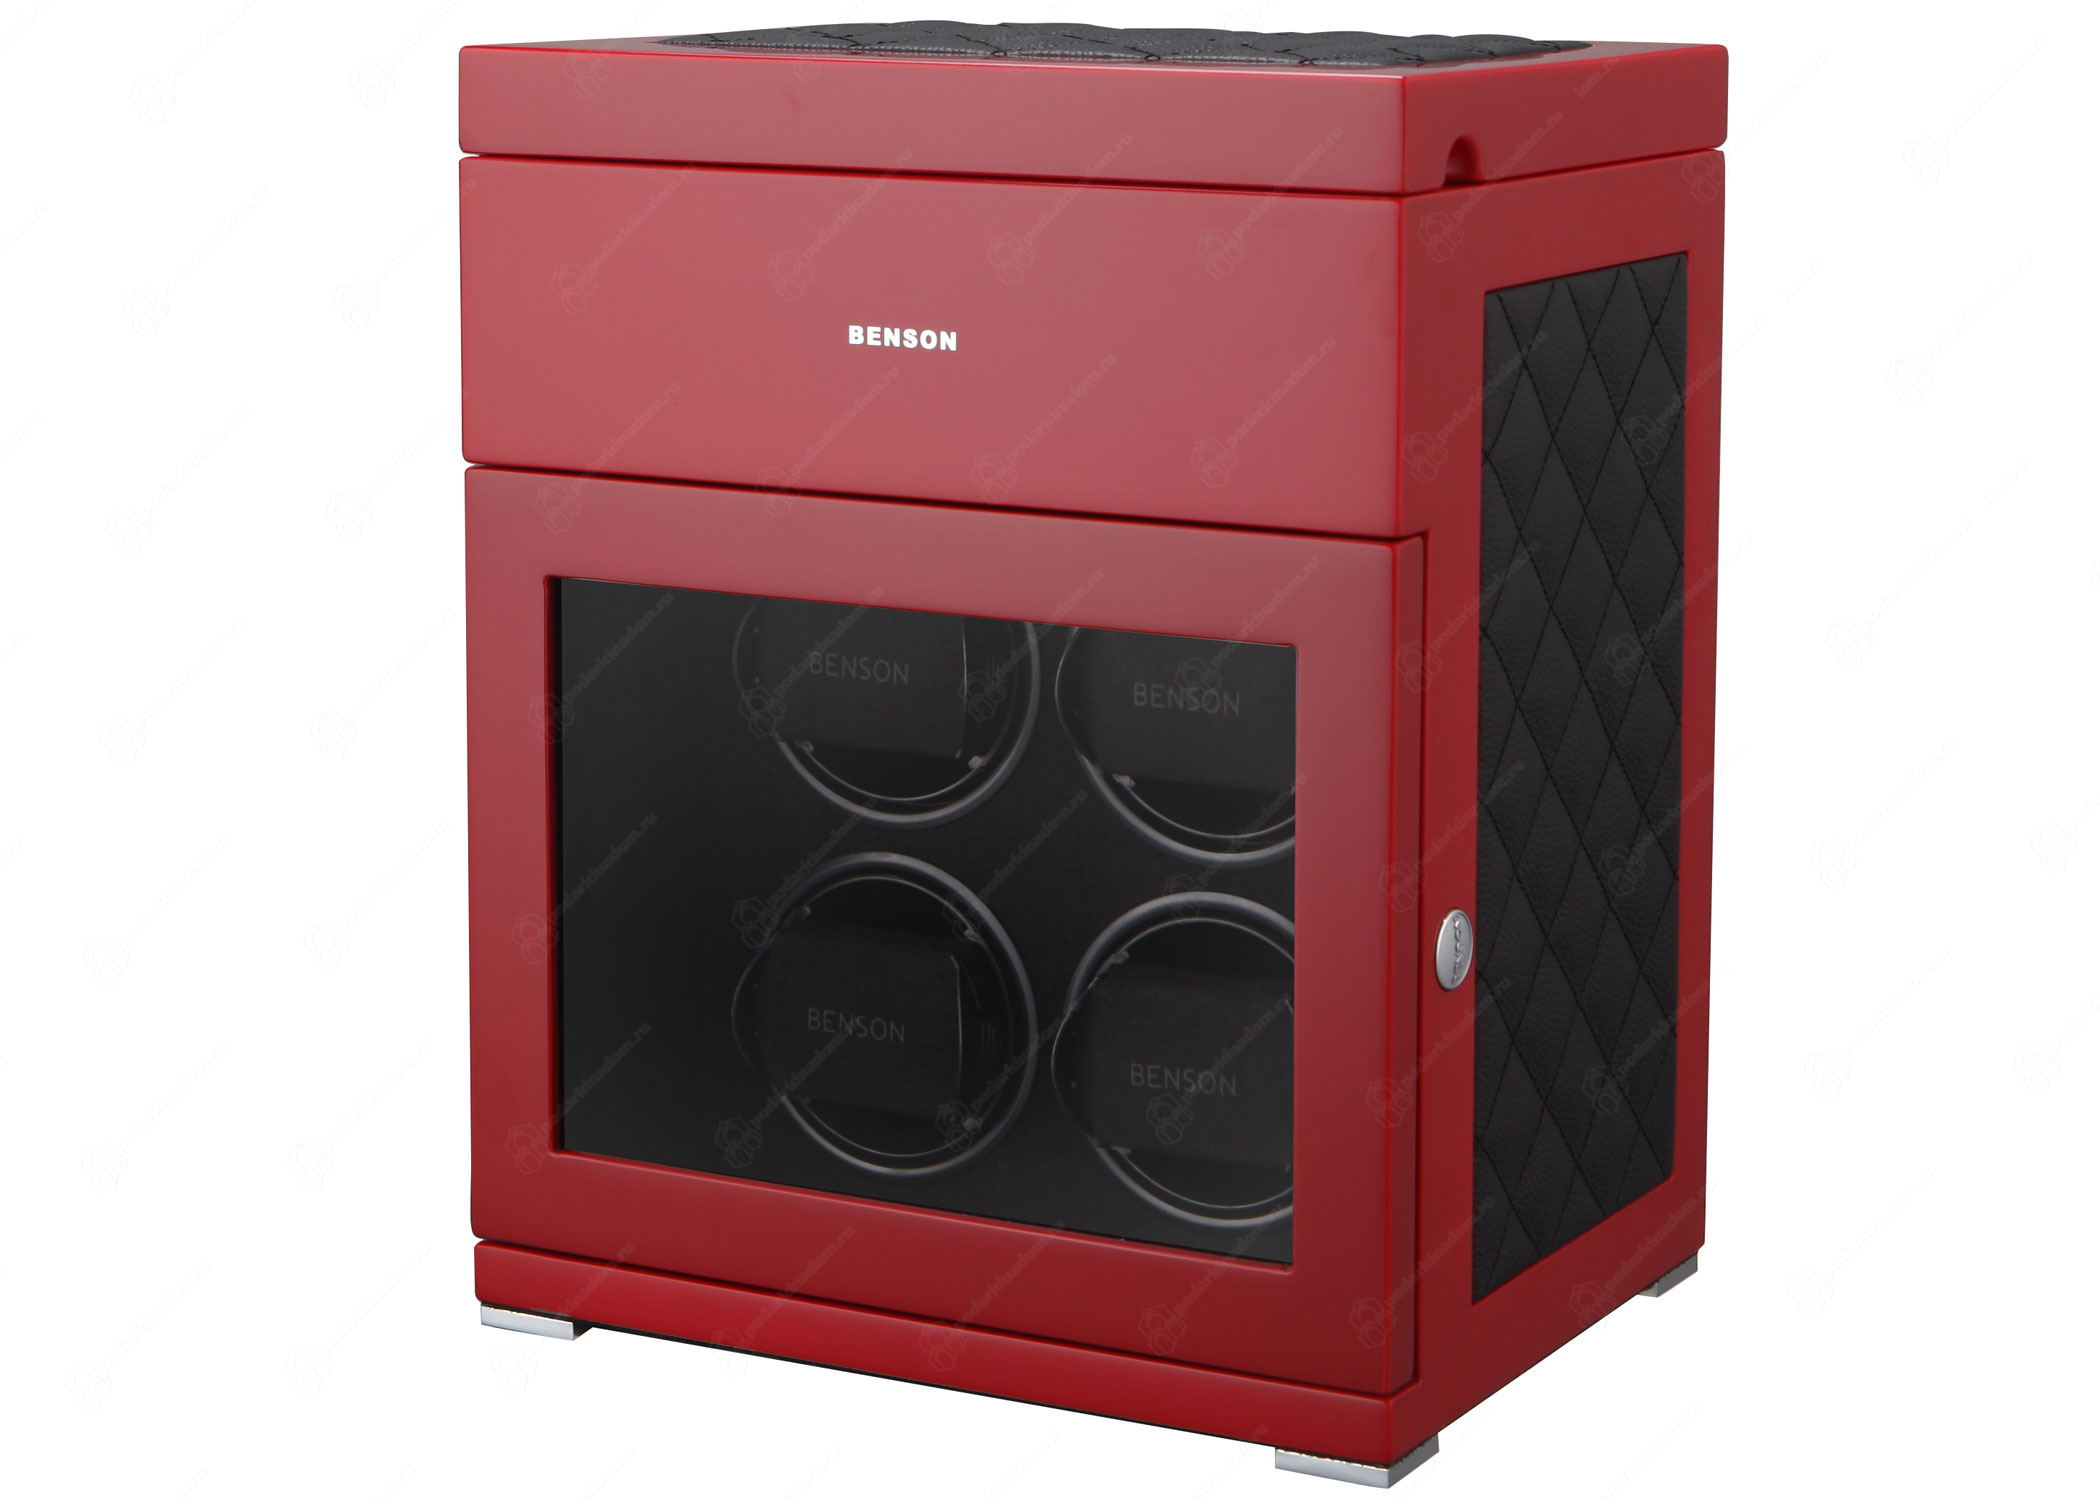 Benson BS4 Red Limited Edition Шкатулка для завода наручных часов. Лимитированная серия 250 шт. Отделка Глянцевый рояльный лак и кожа. Для 4 часов + 3 хранение. Сенсорное управление. Подсветка.